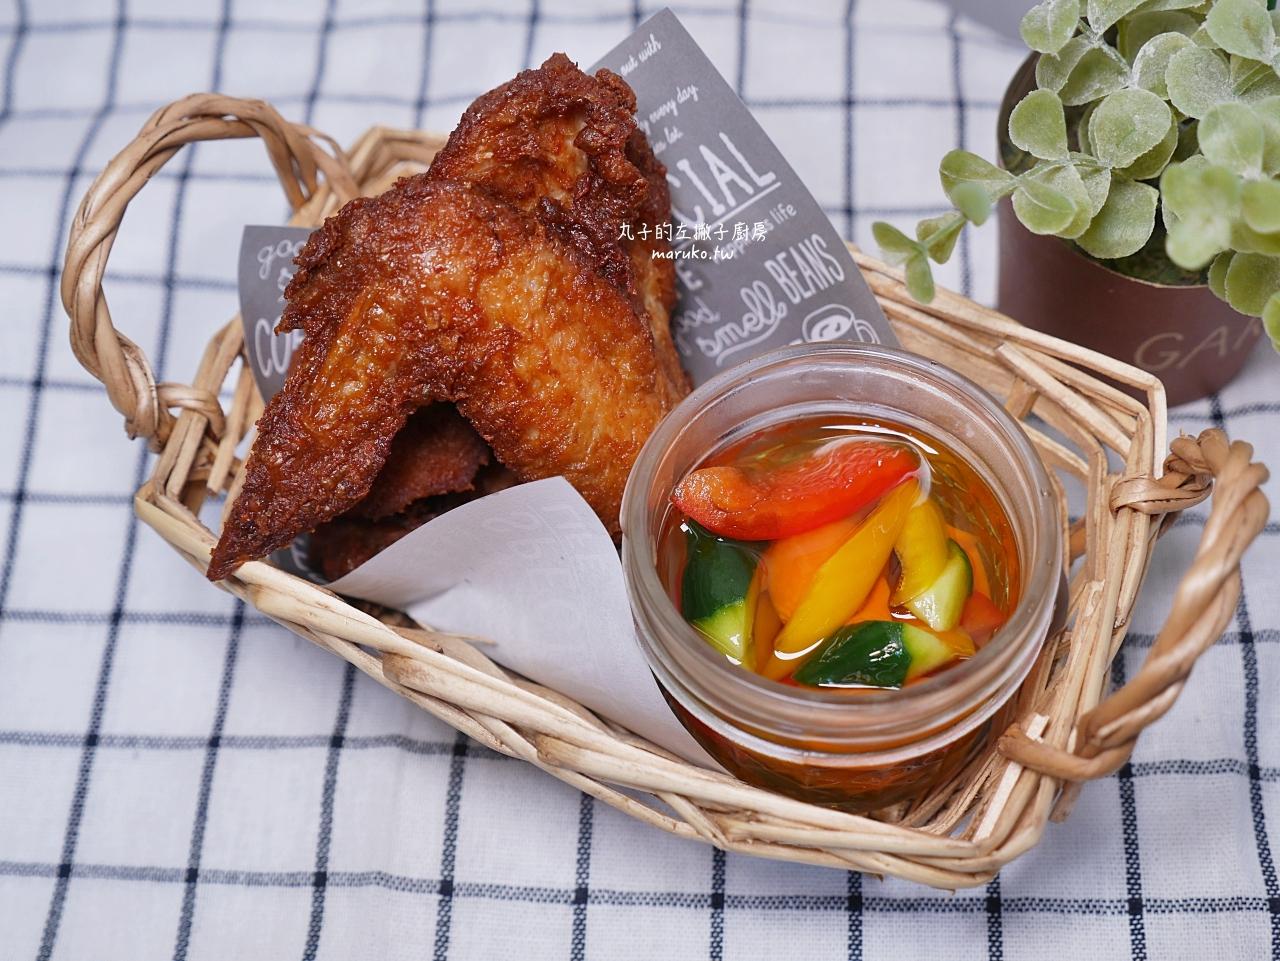 【食譜】提拉米蘇 免烤箱的義大利傳統點心 鐵塔牌馬斯卡彭起司 @Maruko與美食有個約會